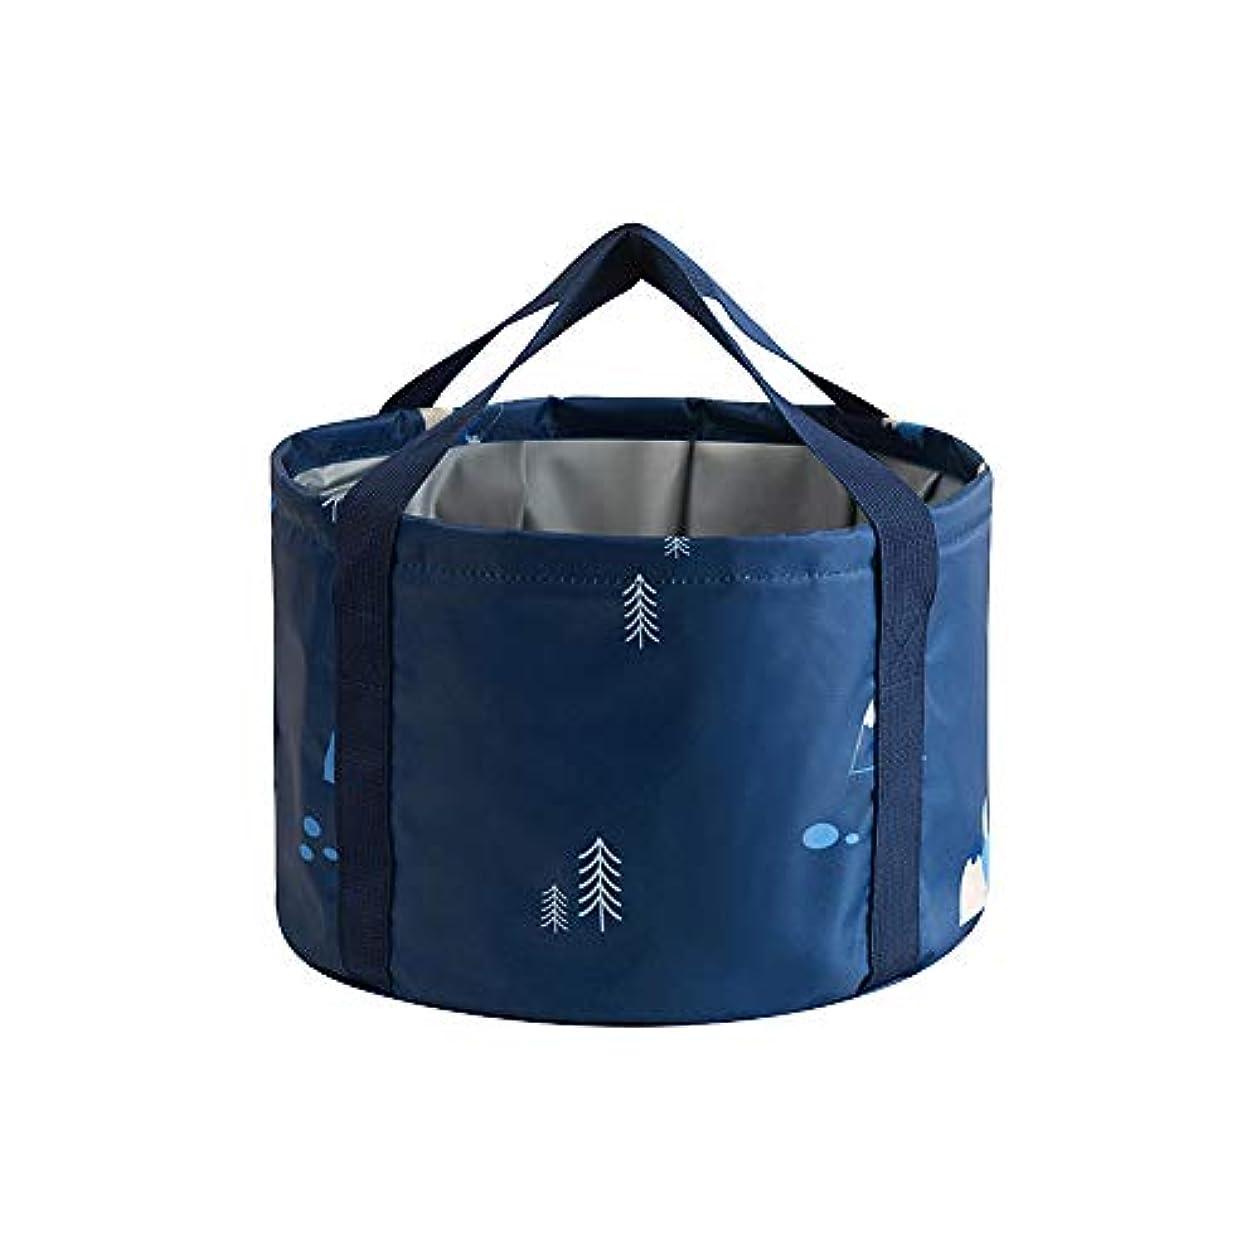 意図的アカウントほのめかすXueliee 旅行用フットバッグ、フットウォッシュバケツ、折りたたみ式、洗濯槽、屋外用ウォーターバッグ、水貯蔵、収納バッグ、洗面台、ポータブル、大 (35 x 26cm,5色)